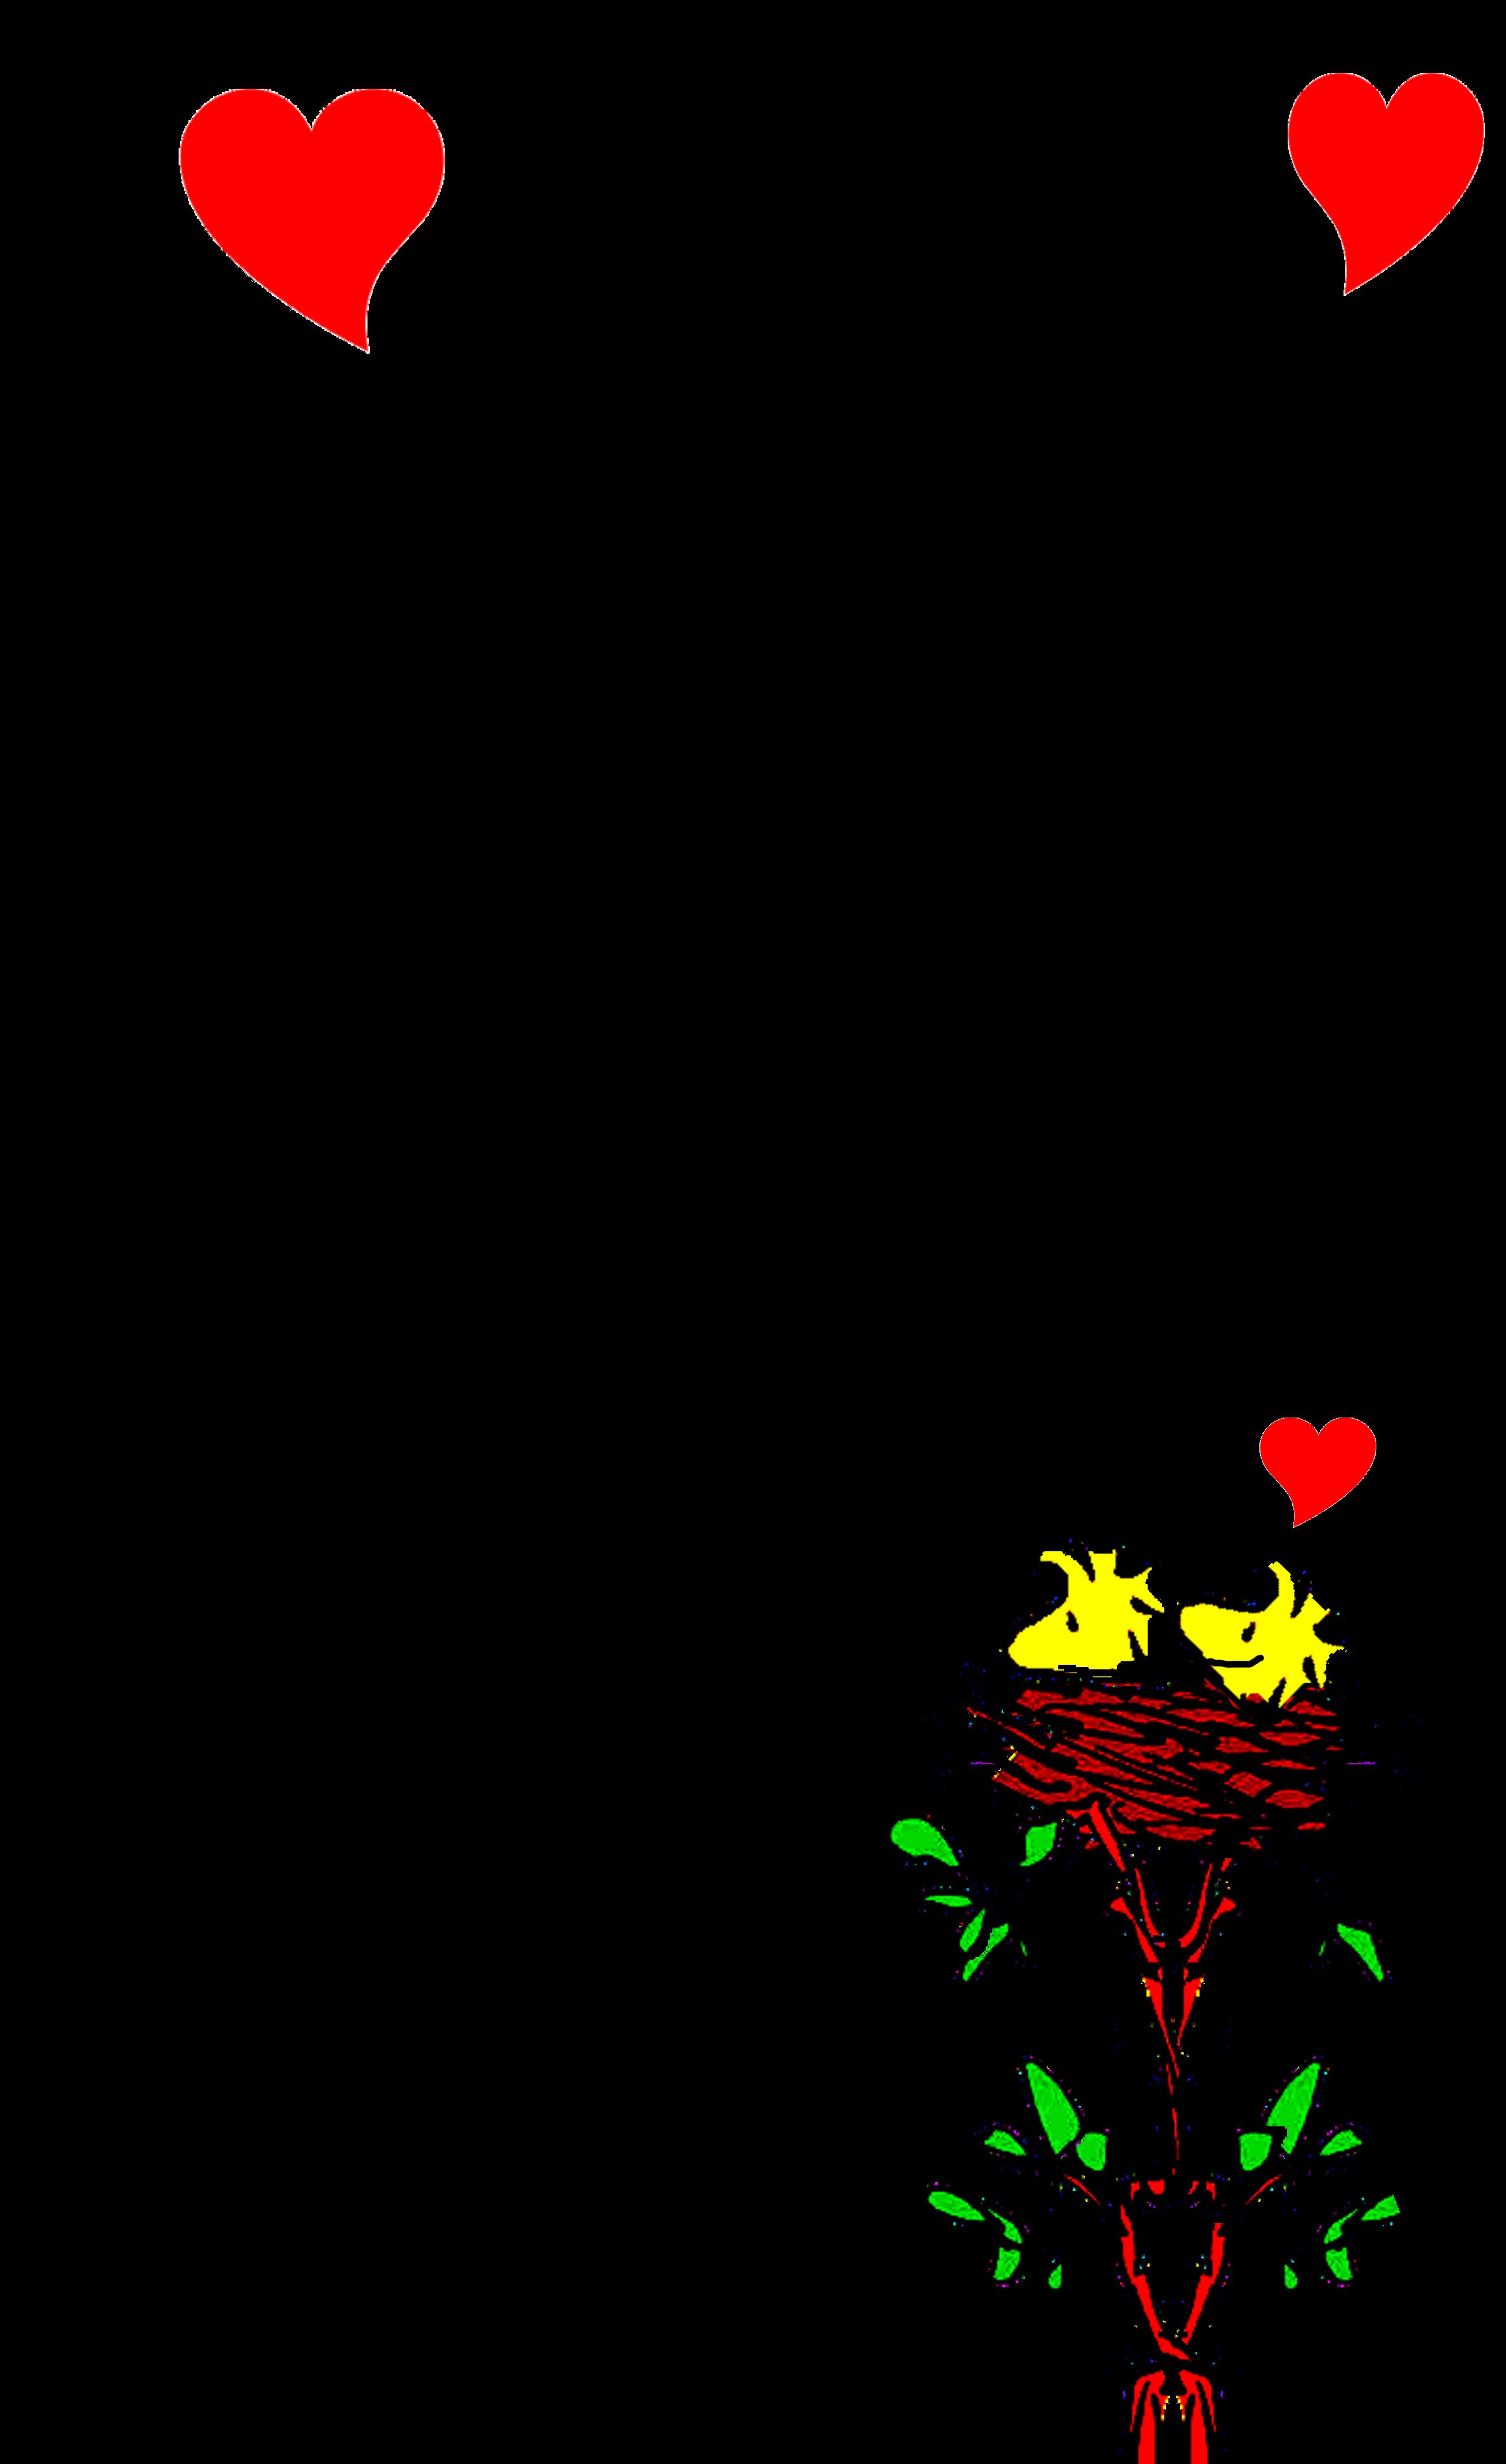 2614x4276 Sweet Friendship By Bradsnoopy97